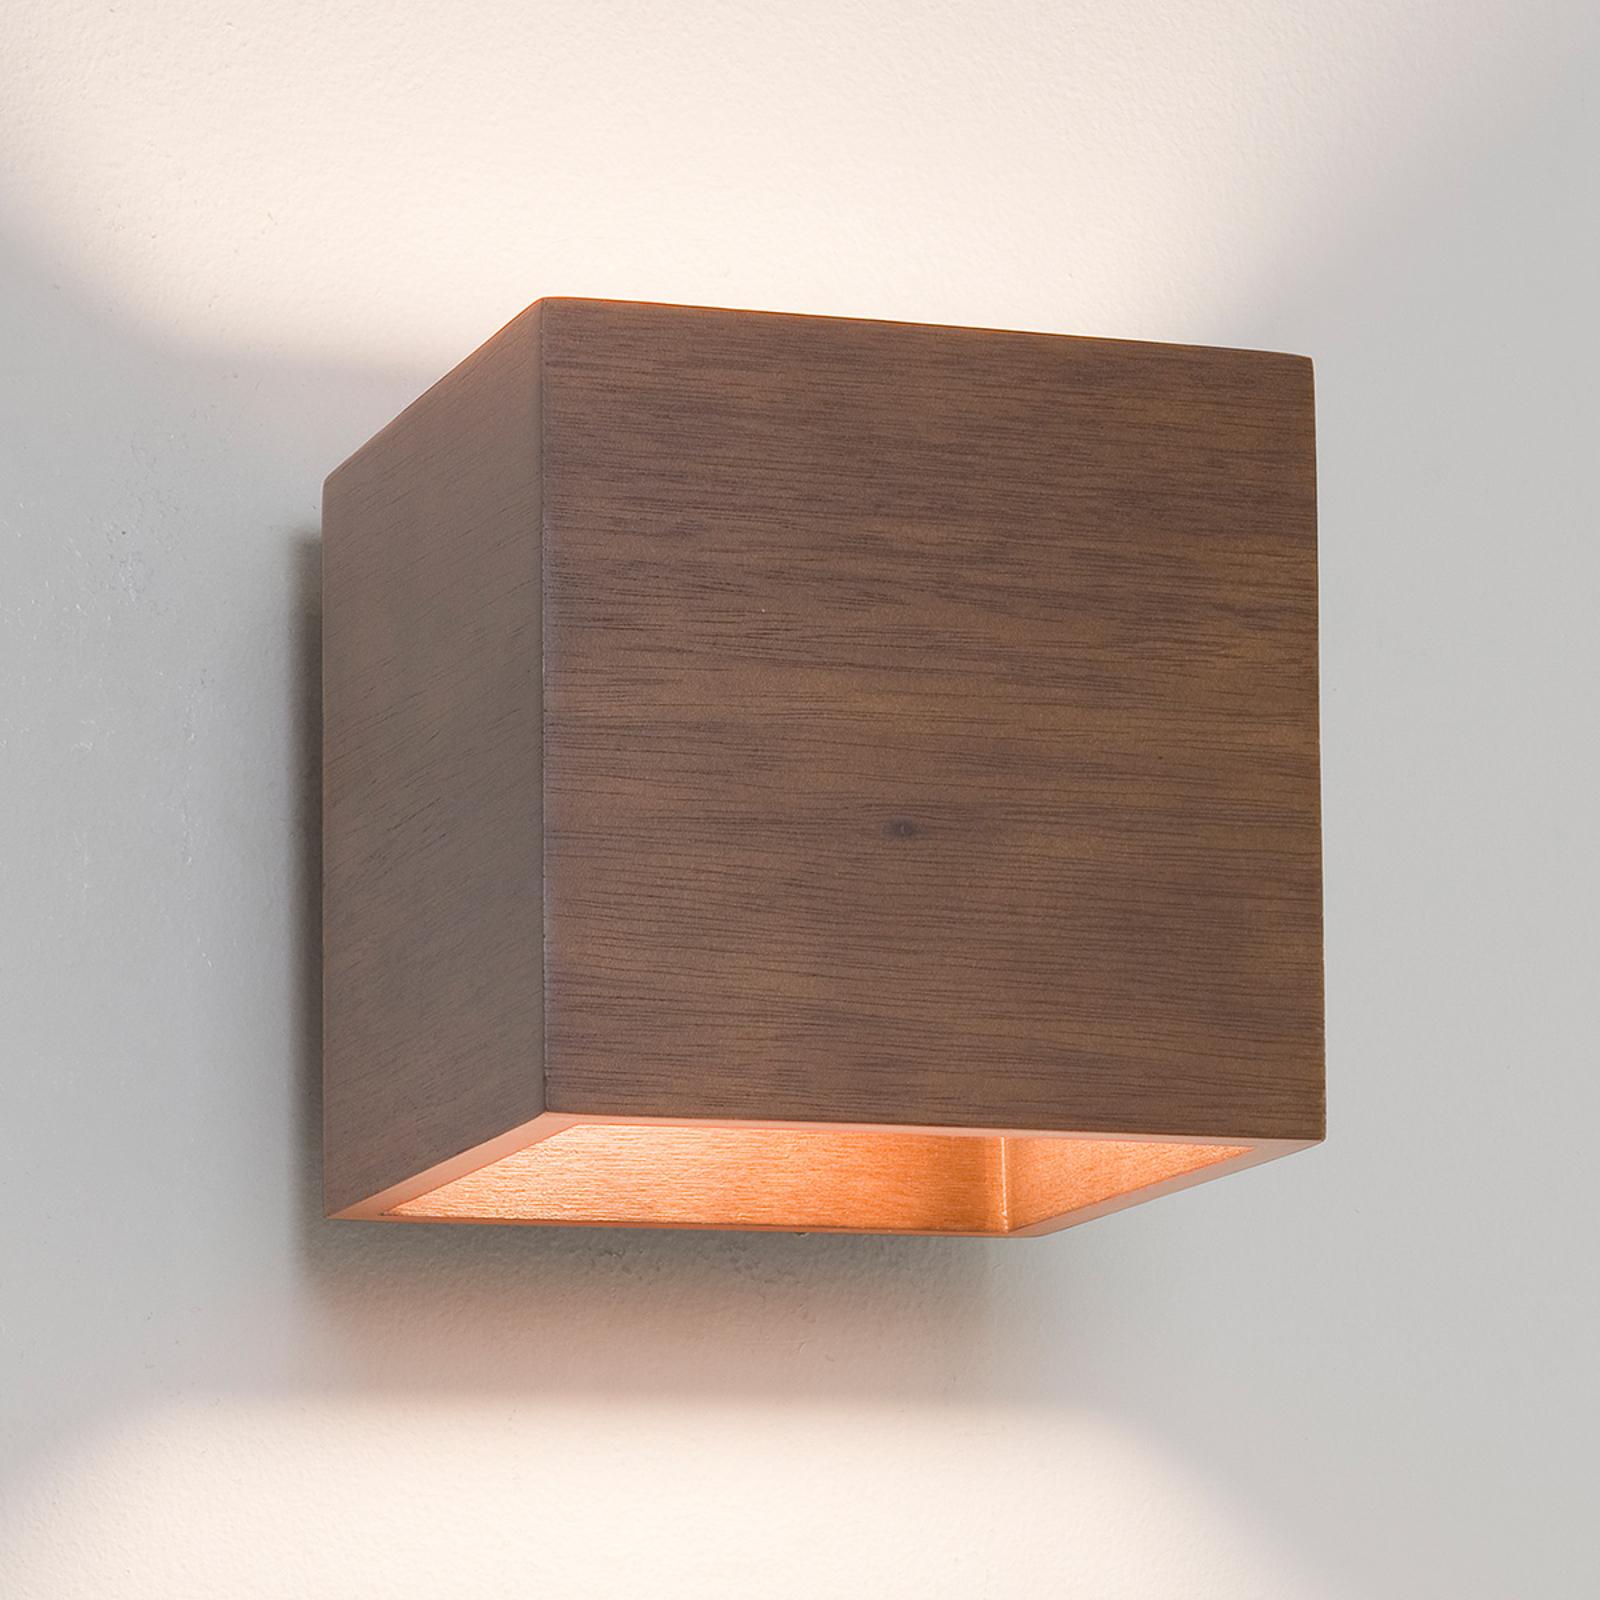 Astro Cremona - würfelförmige Holz-Wandleuchte